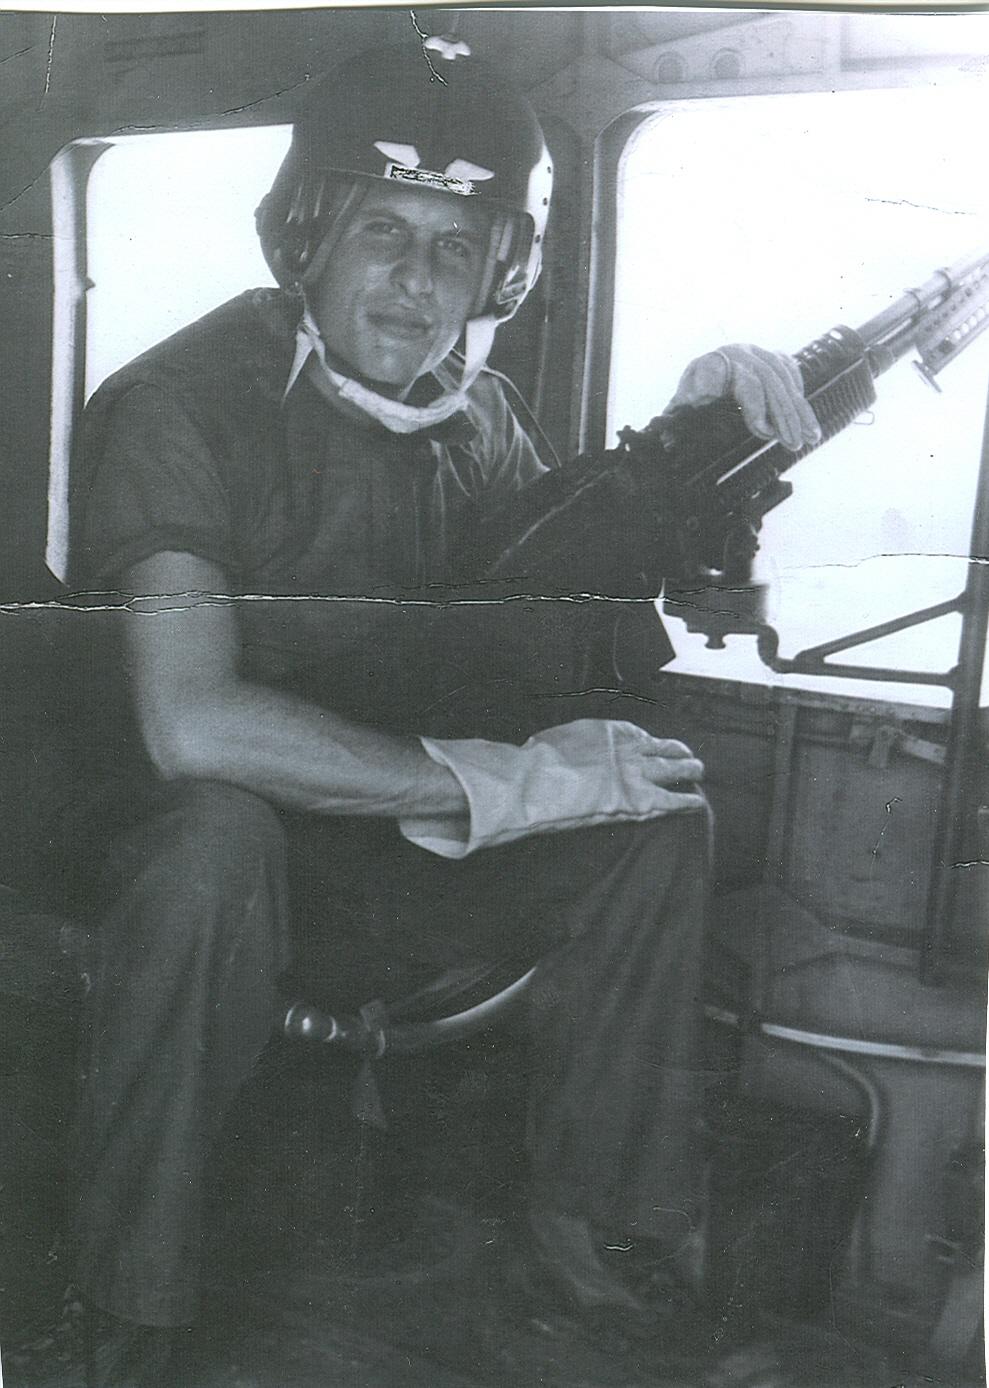 Wayne Karlin as a Marine Corps Gunner on a mission in Vietnam, 1967. Wayne Karlin khi là tay súng của Thủy quân lục chiến khi tham chiến tại Việt Nam năm 1967.